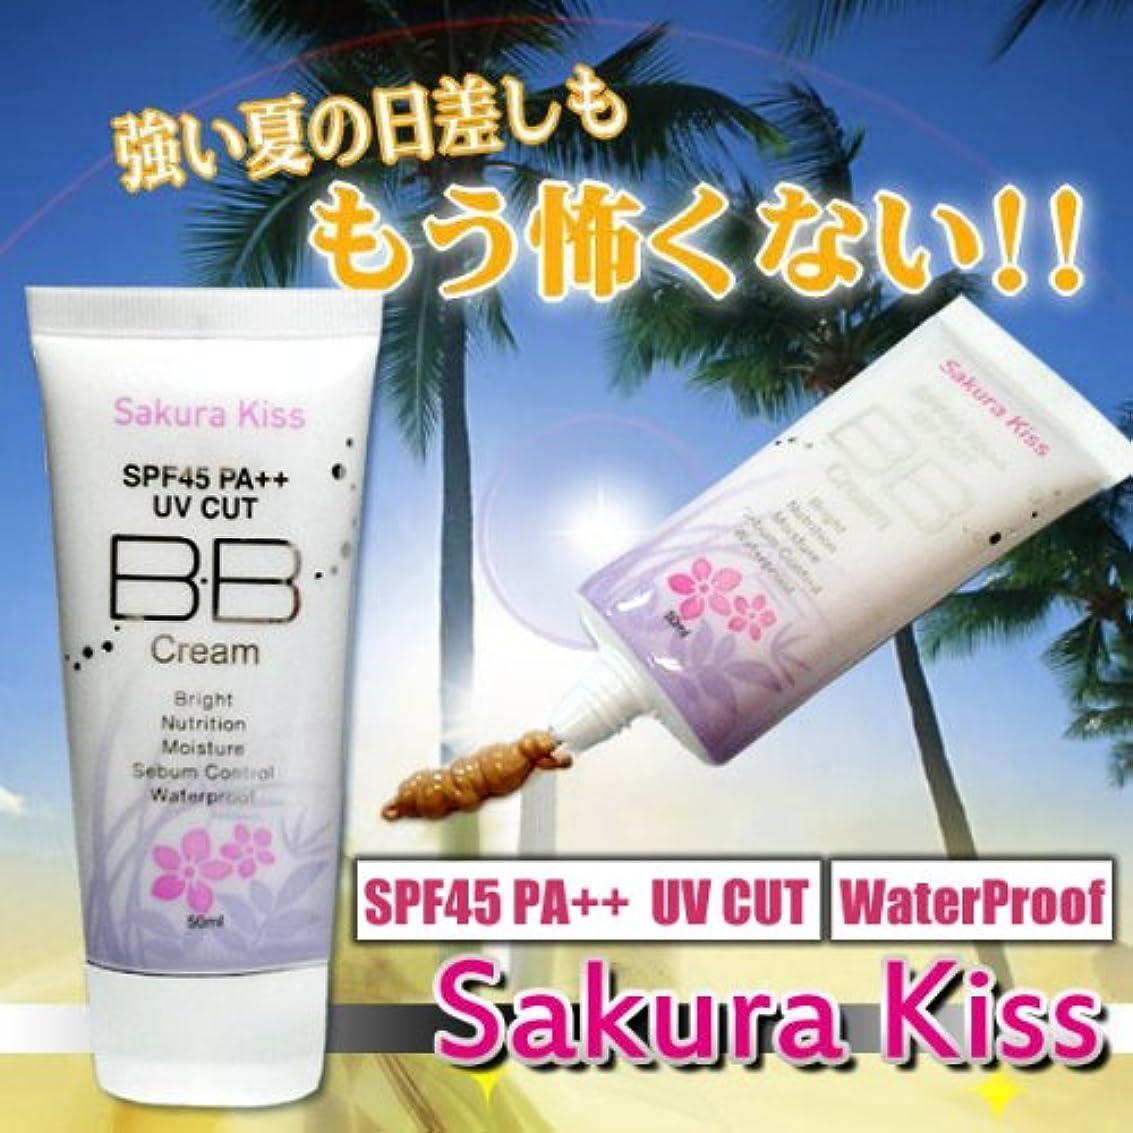 艶肺動員するSakura Kiss BBクリーム UVプロテクト SPF45PA++ 50ml